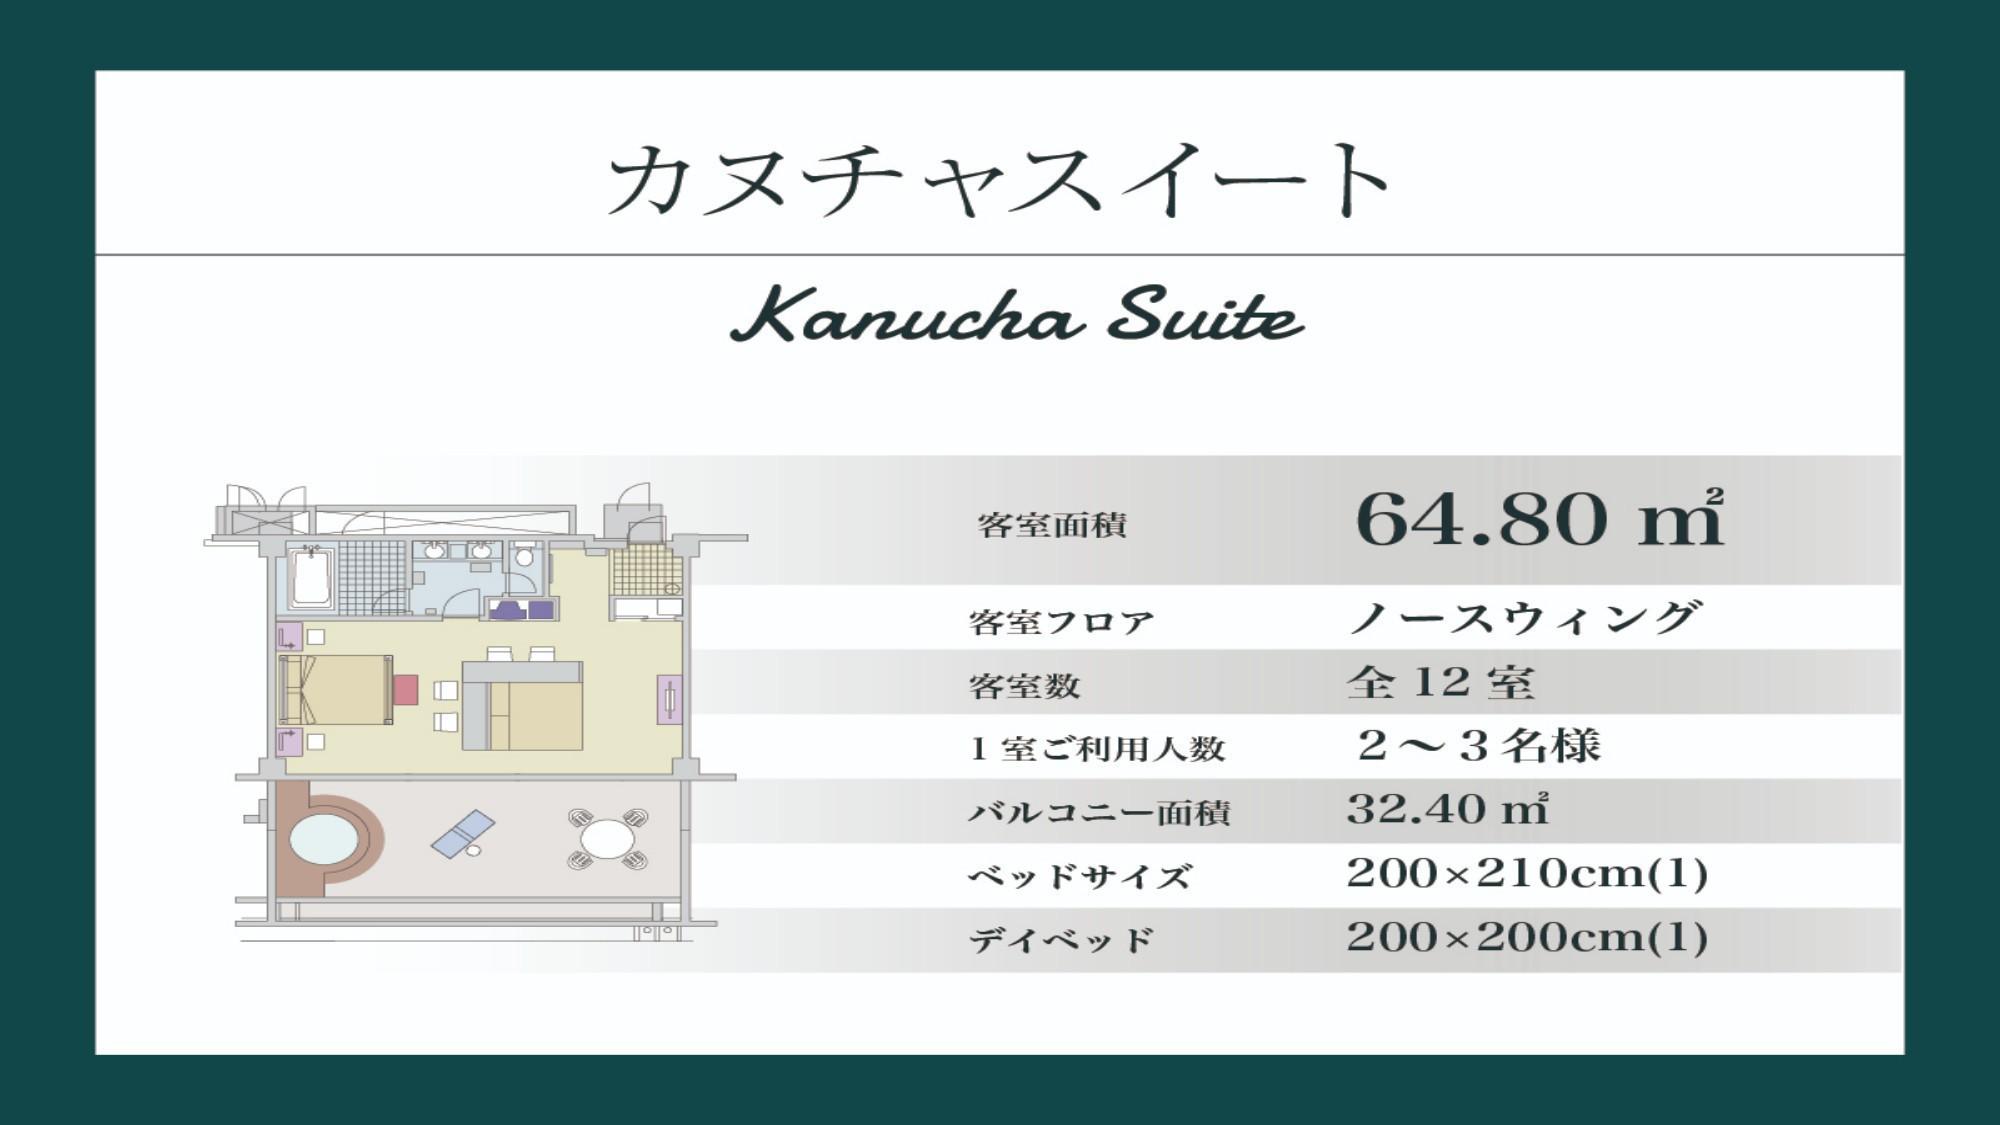 【リニューアル/カヌチャスイート/64.80平米】ノースウイング棟4階(間取り図)